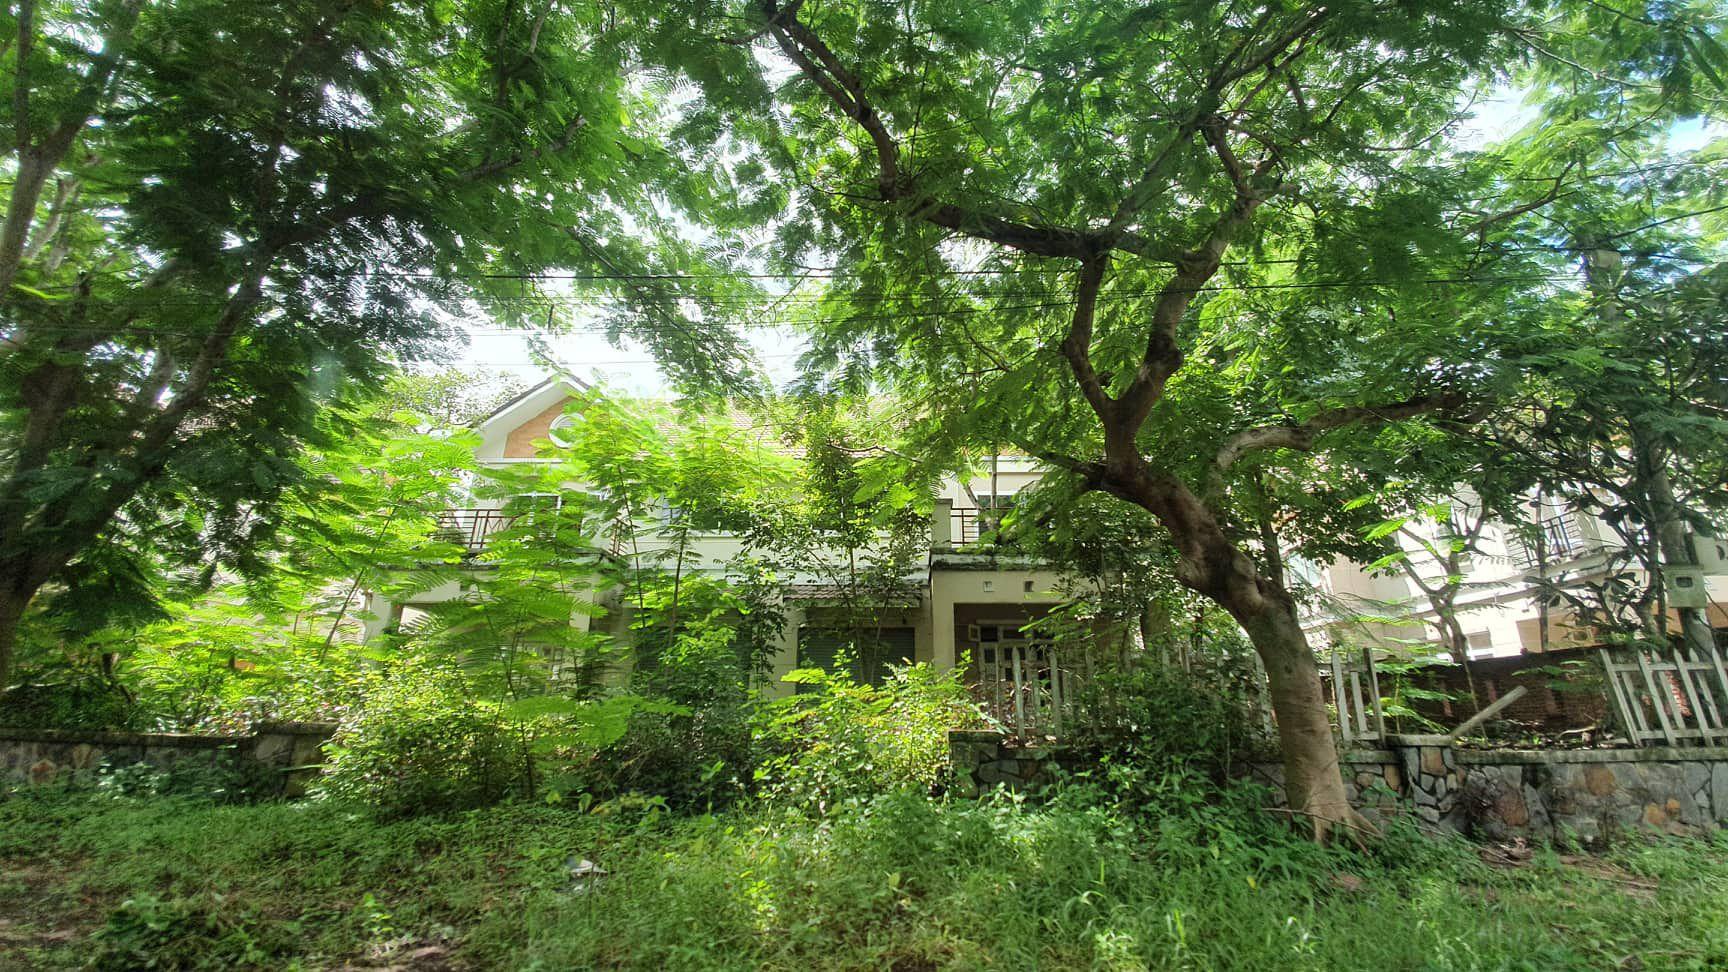 La liệt chung cư, biệt thự bỏ hoang ở Nhơn Trạch - 4